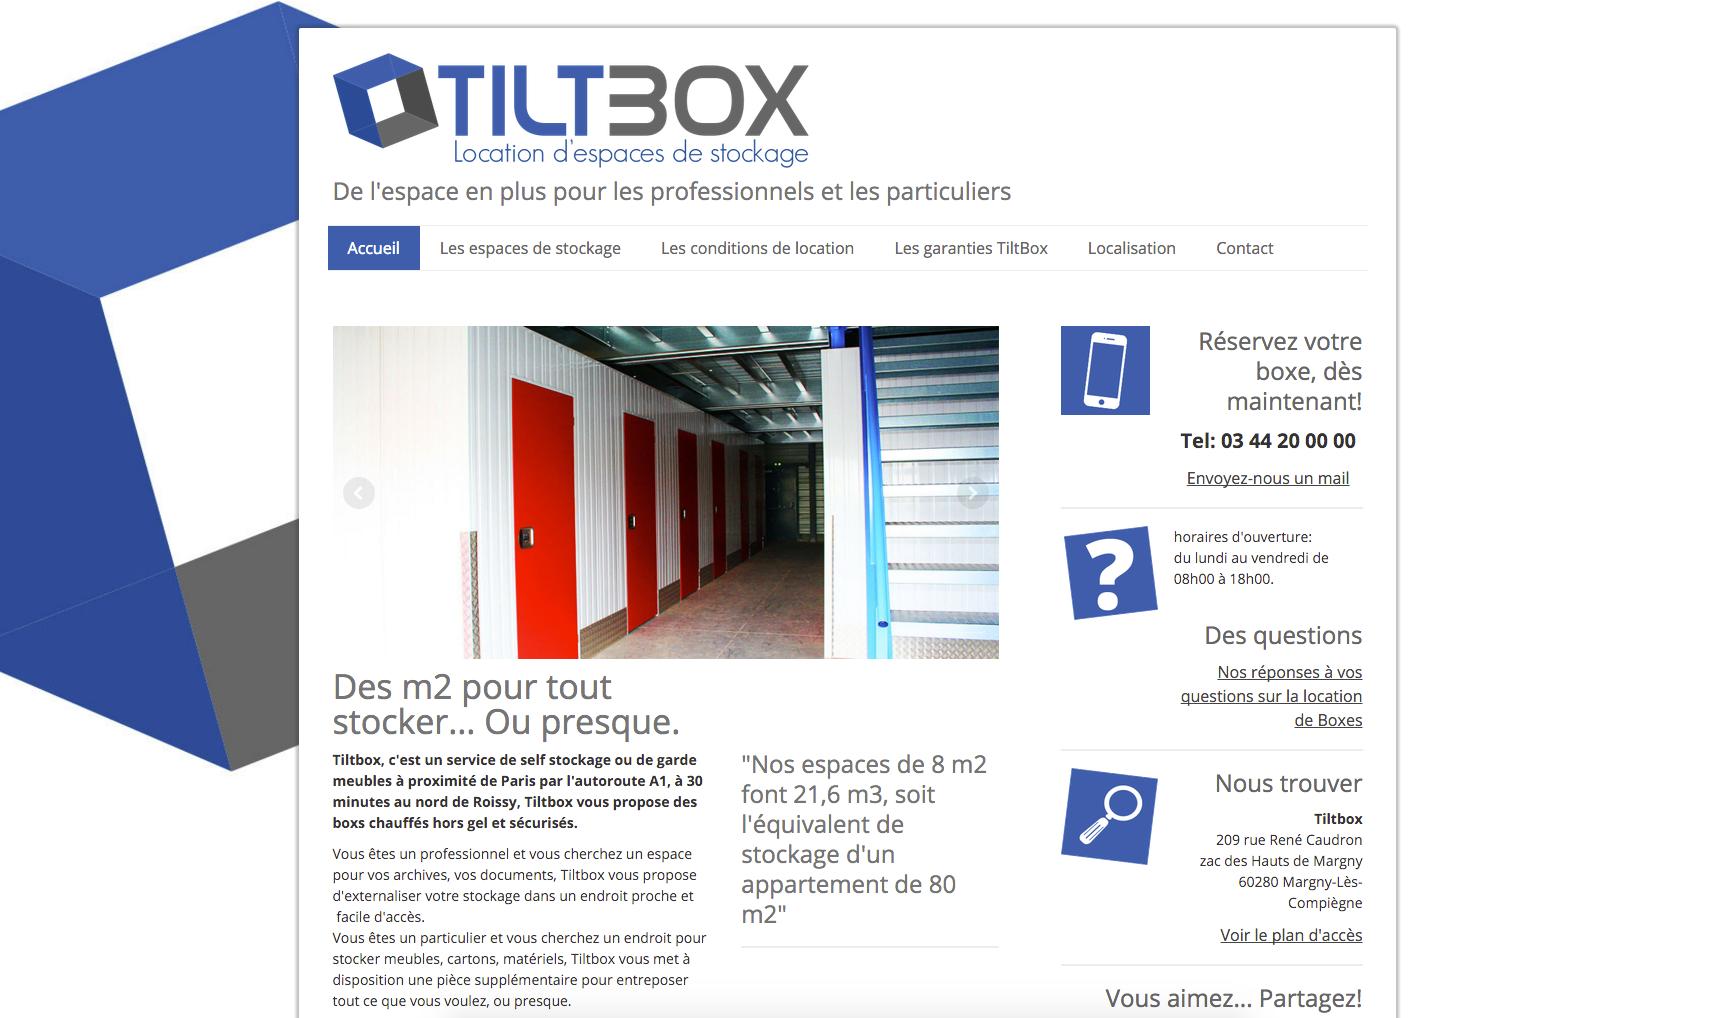 http://www.tiltbox.fr